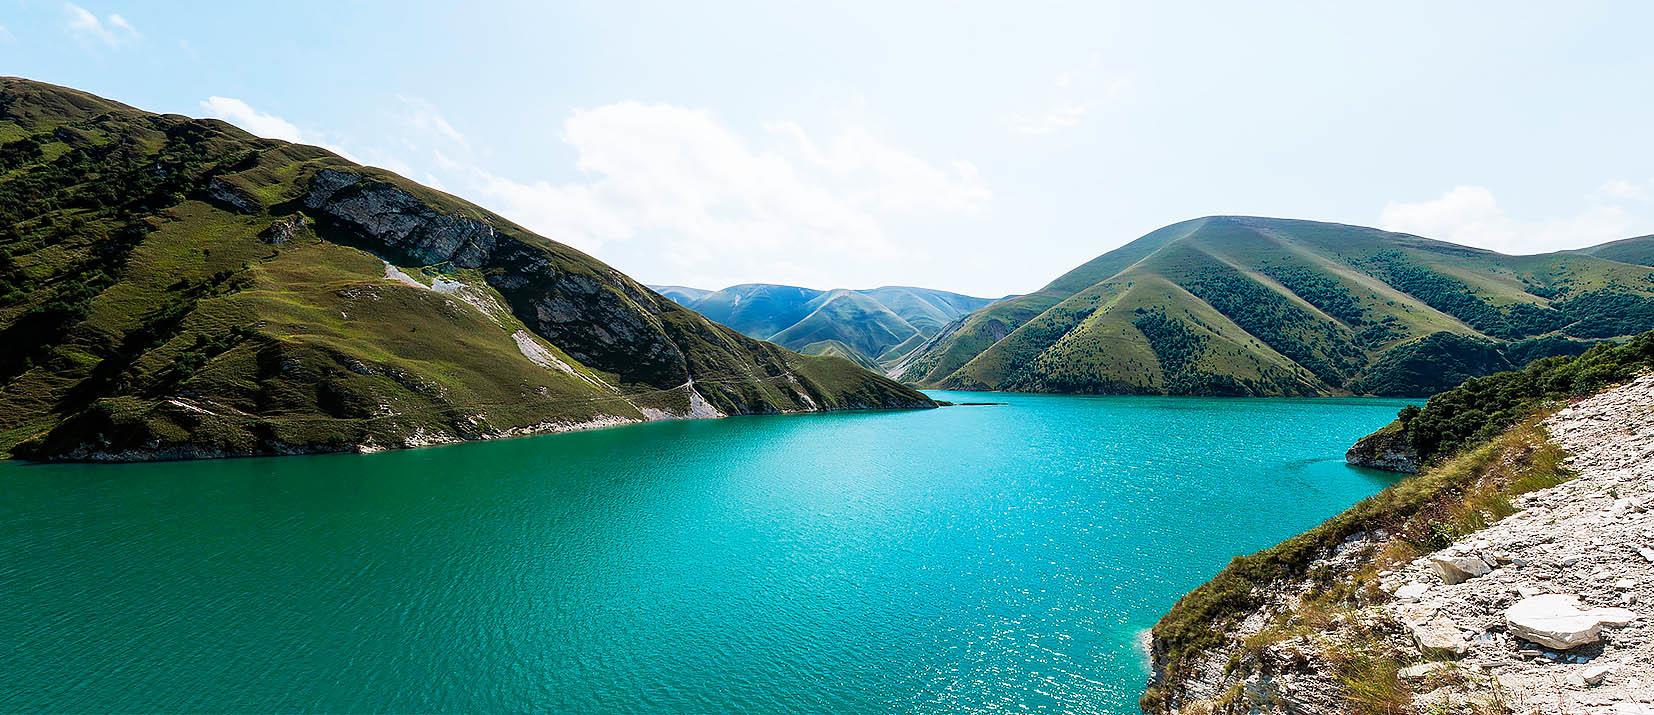 Тур «Древние загадки лазурного озера»